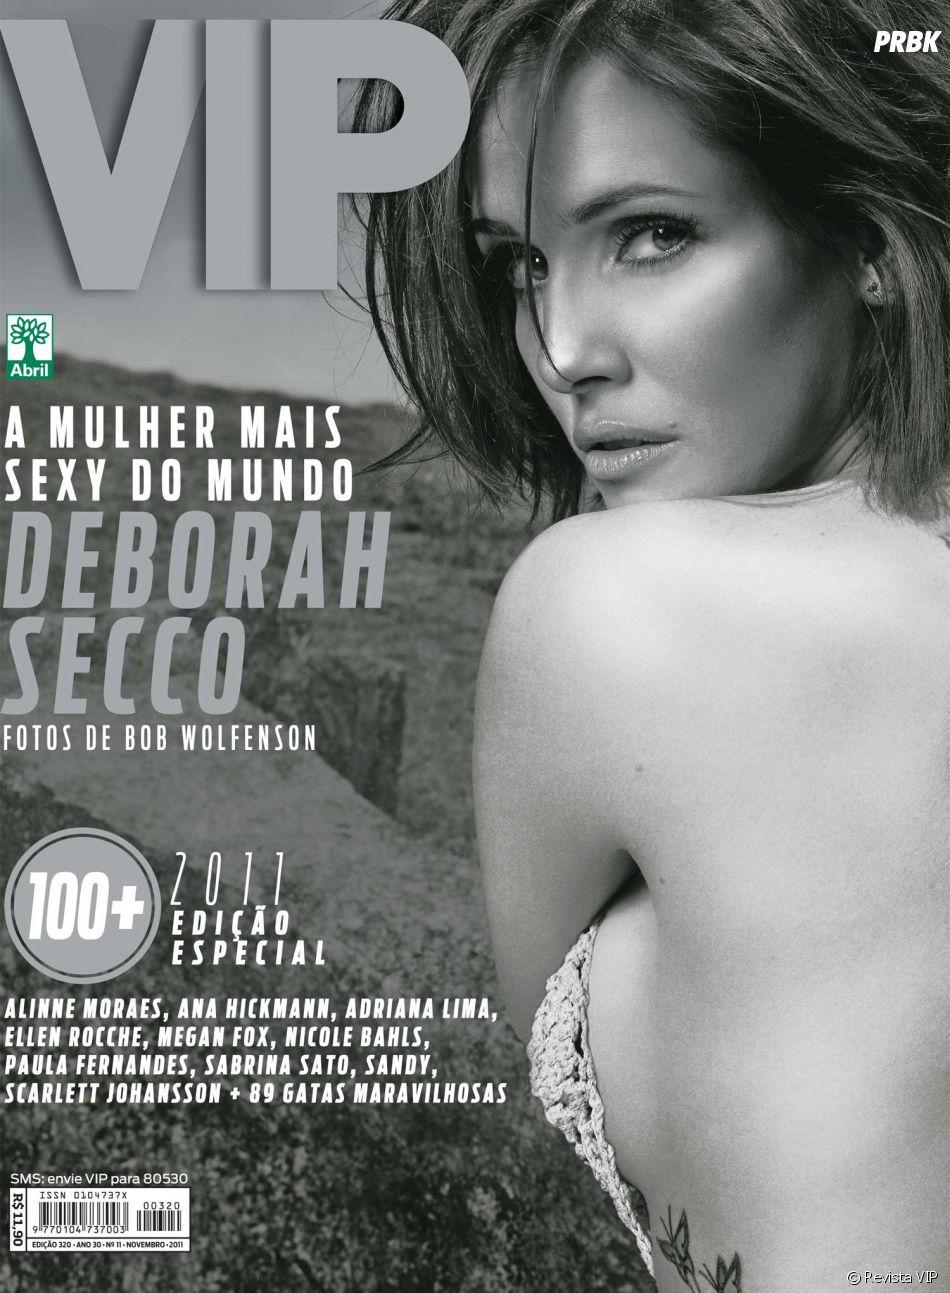 O título de mulher mais sexy do mundo pela VIP em 2011 foi de Deborah Secco